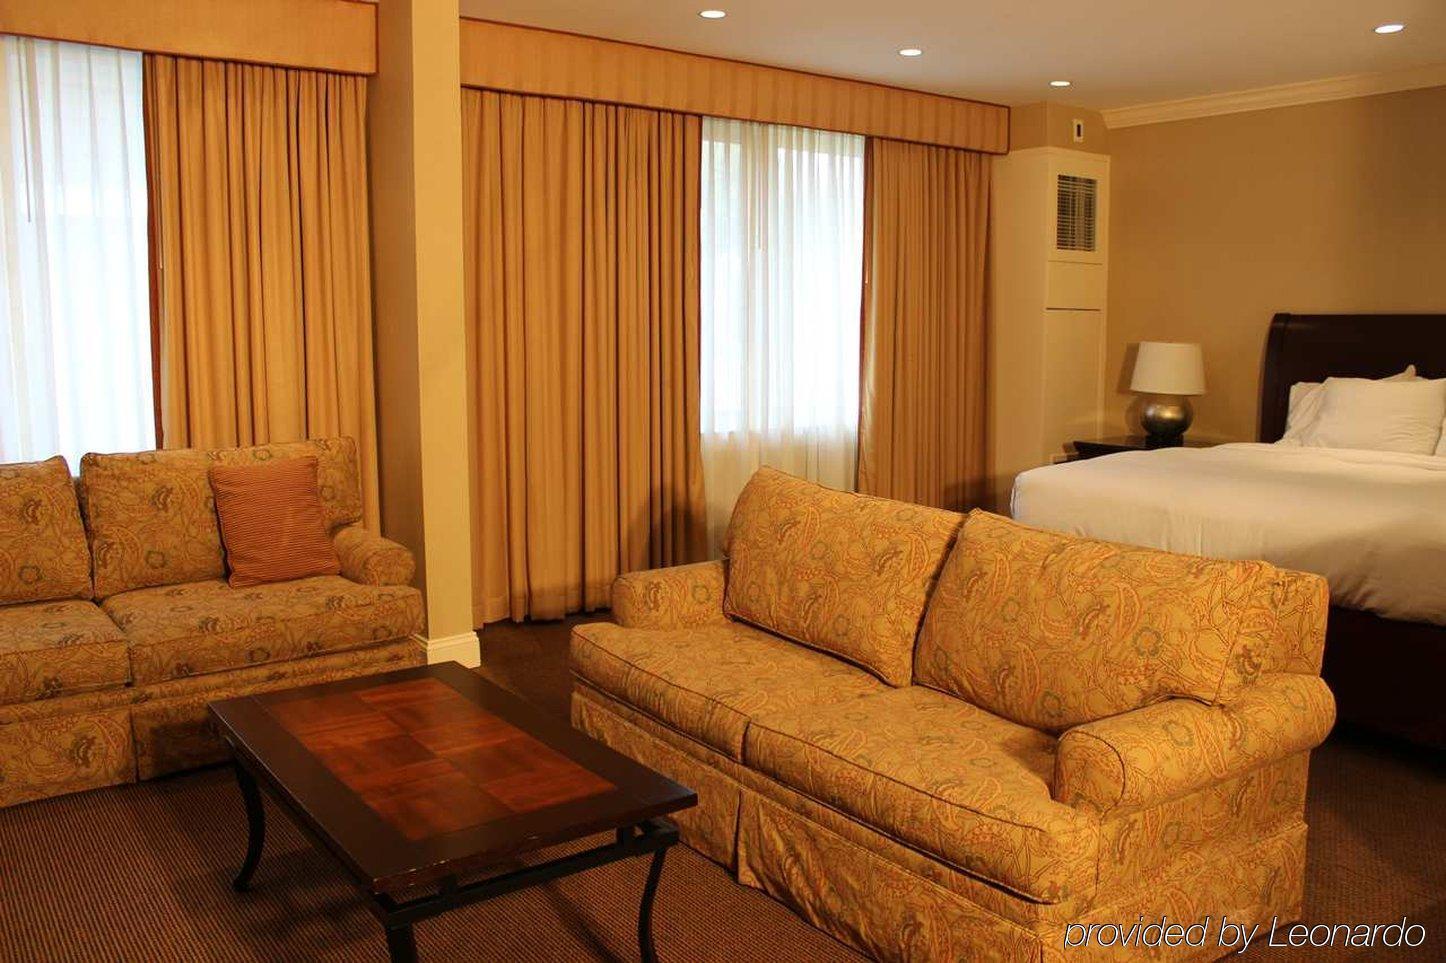 HOTEL DOUBLETREE BY HILTON TARRYTOWN, TARRYTOWN ****